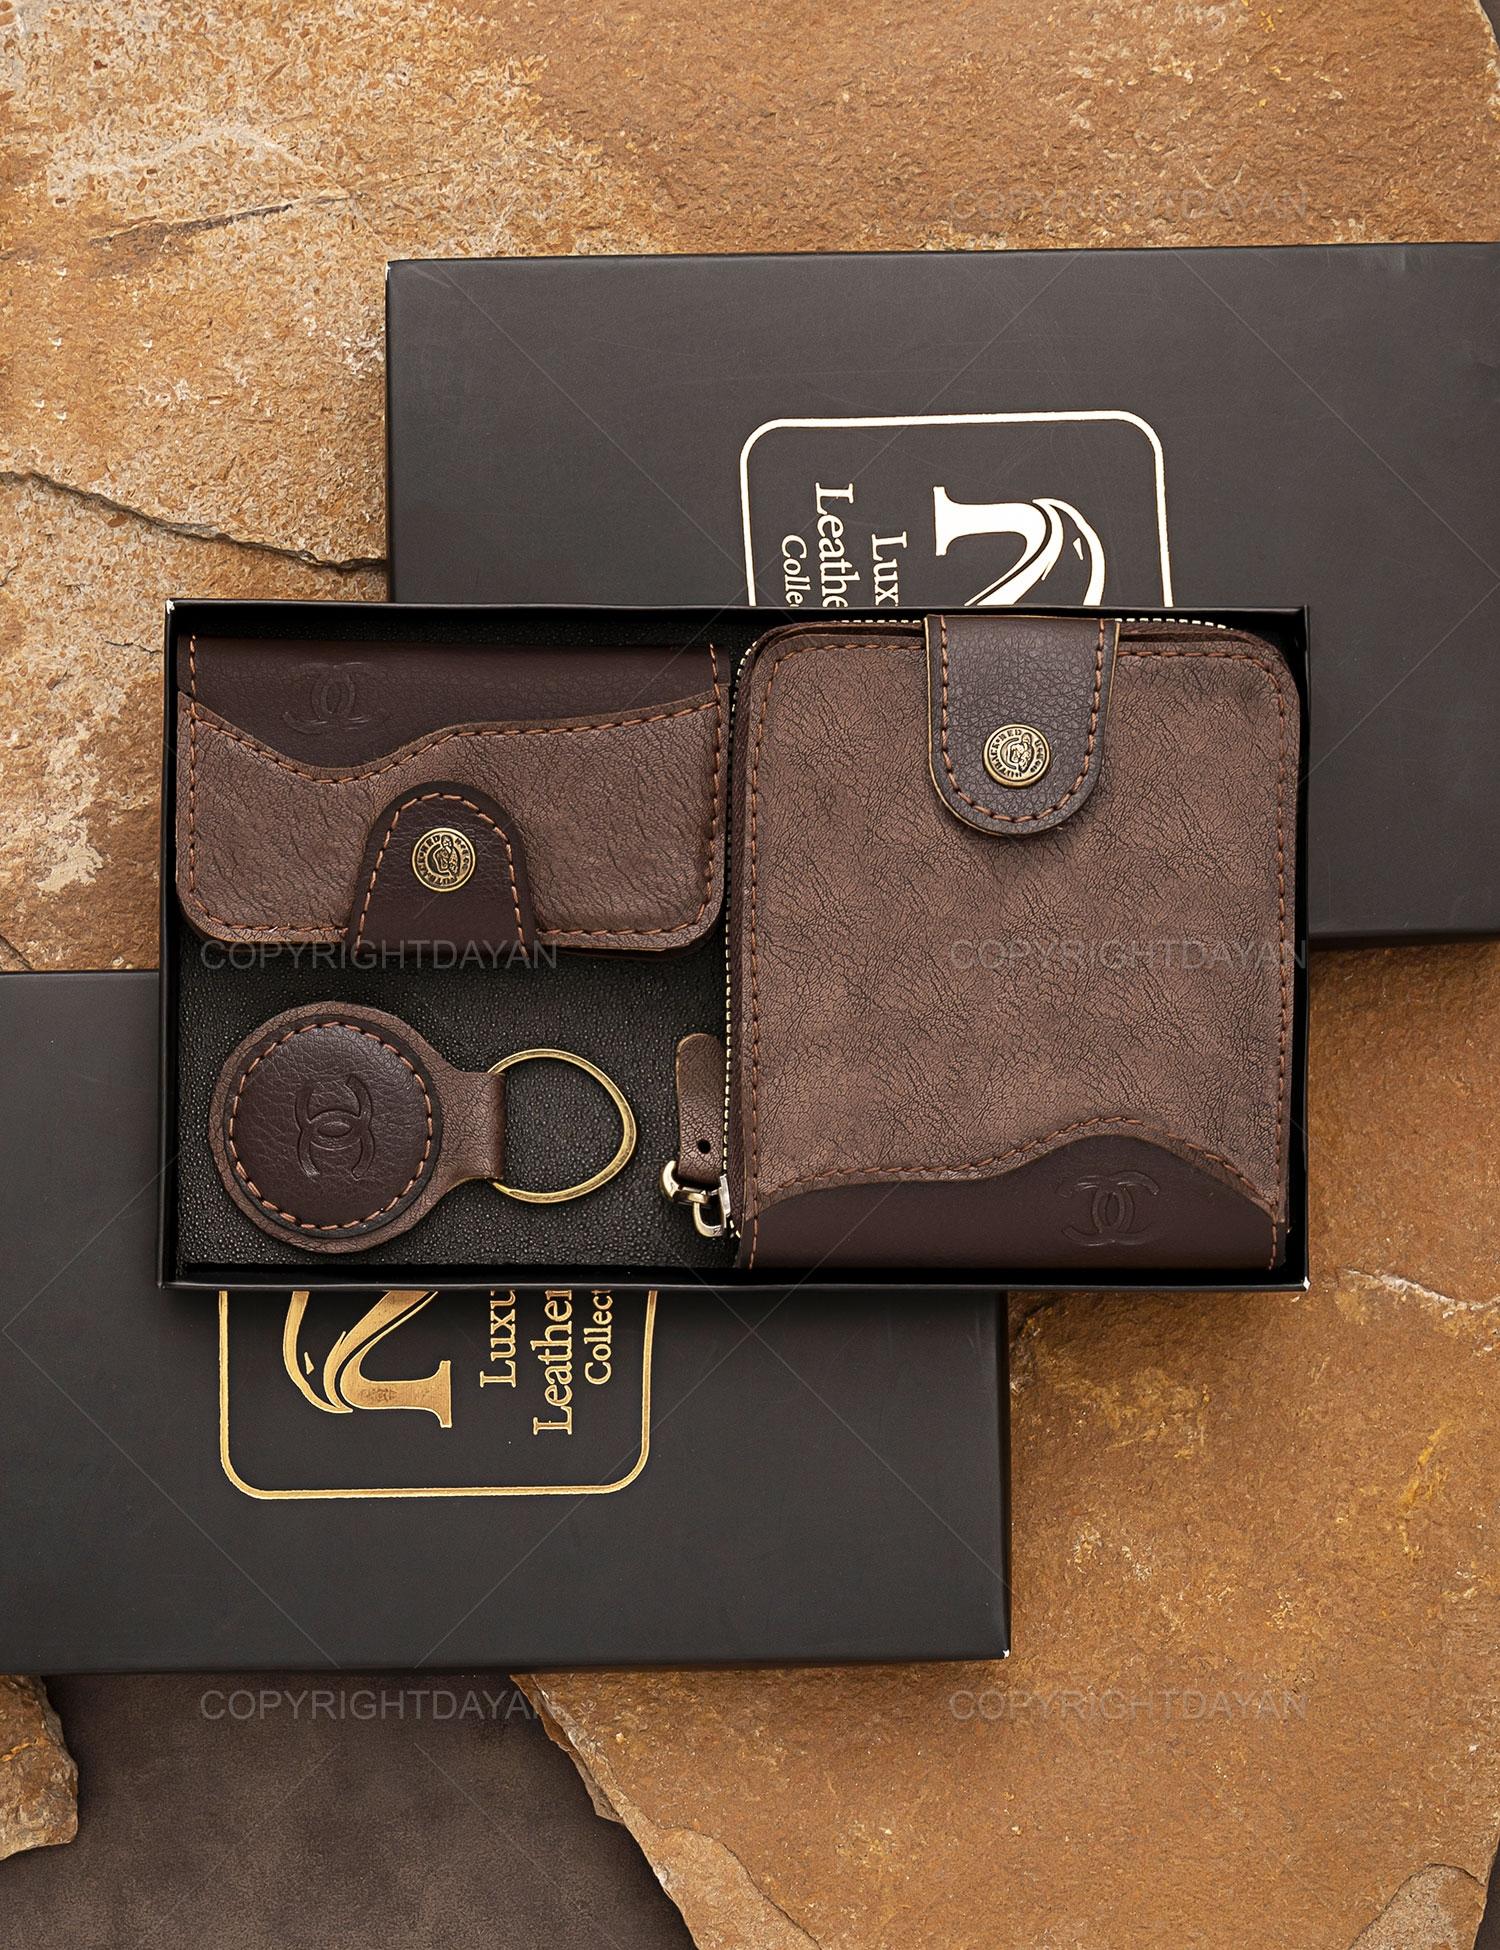 ست چرمی Chanel همراه با هدیه (کفش)